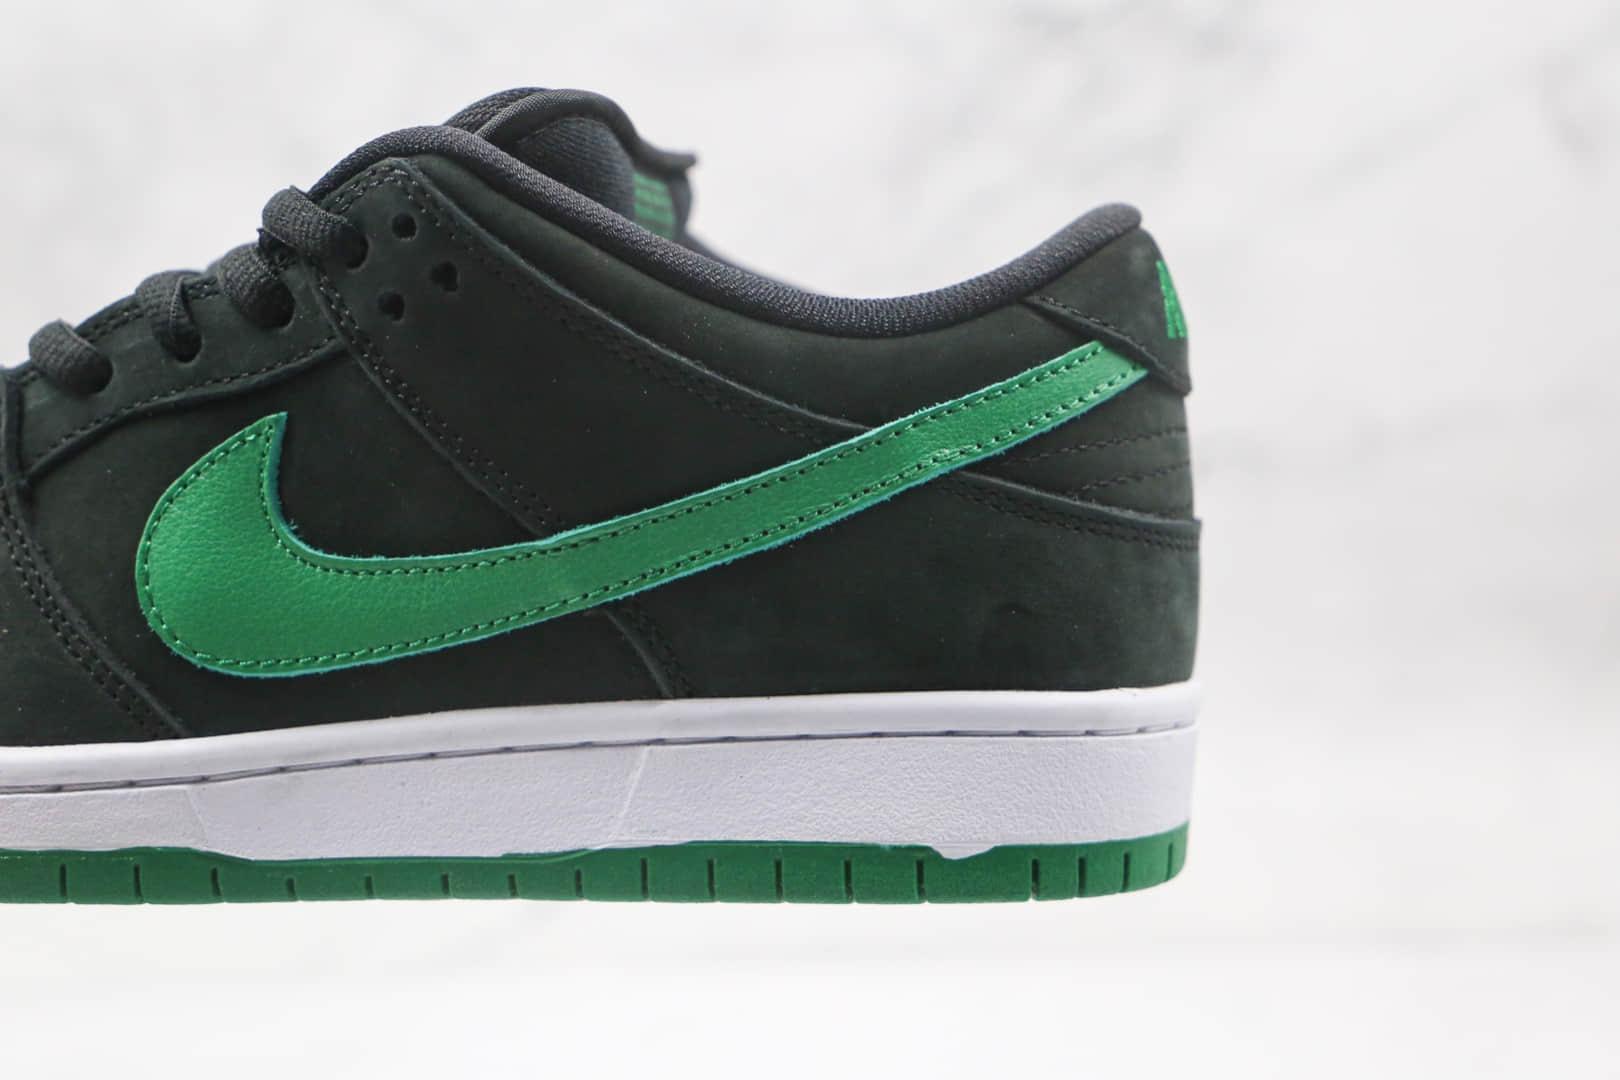 耐克Nike SB Dunk纯原版本低帮SB DUNK黑绿色板鞋内置后跟Zoom气垫原盒原标 货号:BQ6817-005